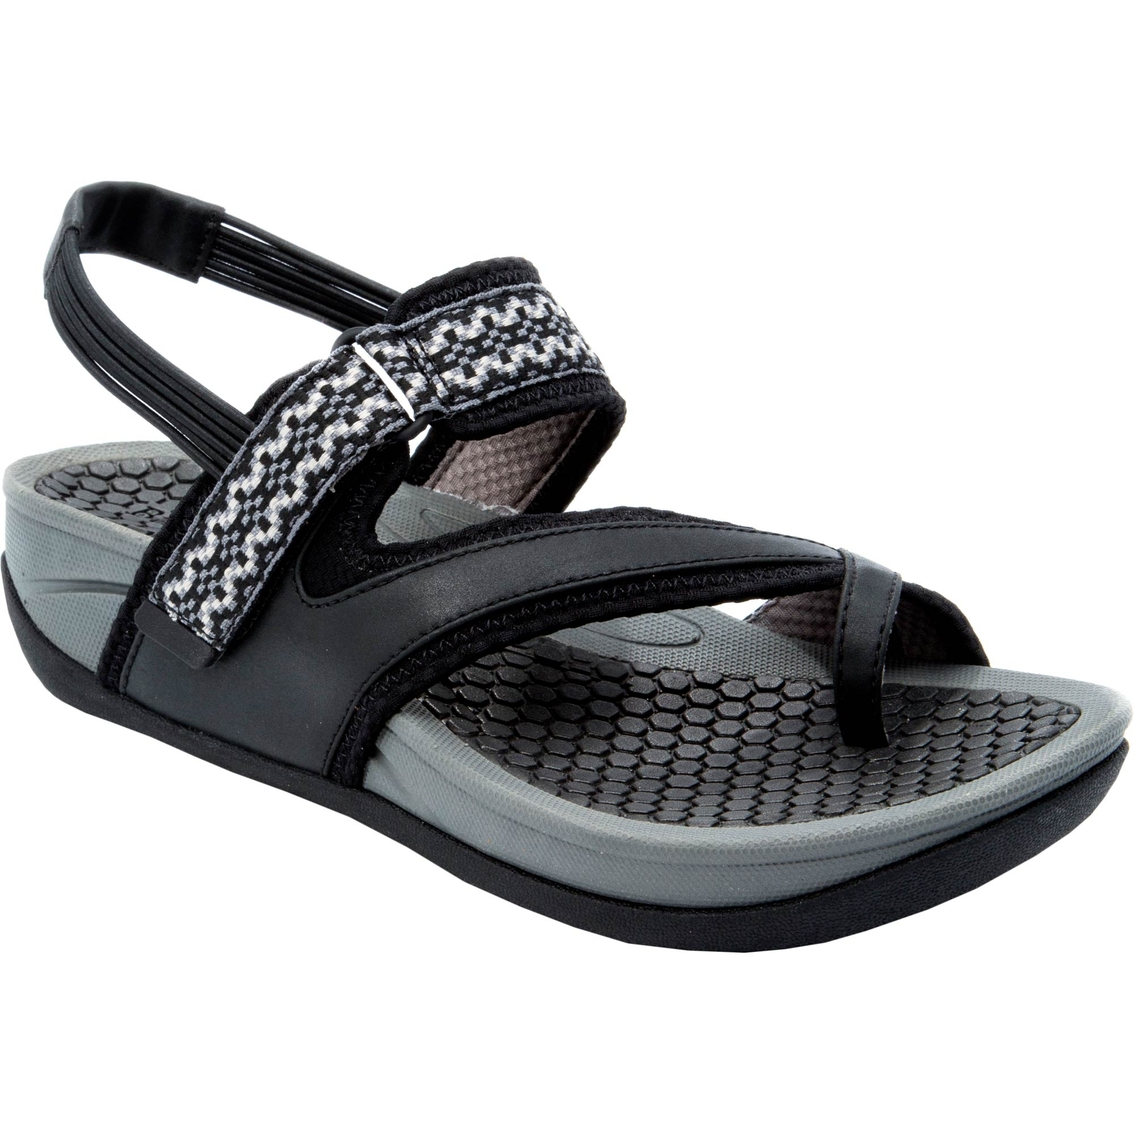 15afdc3ba48 Baretraps Danique Casual Active Sling Sandals